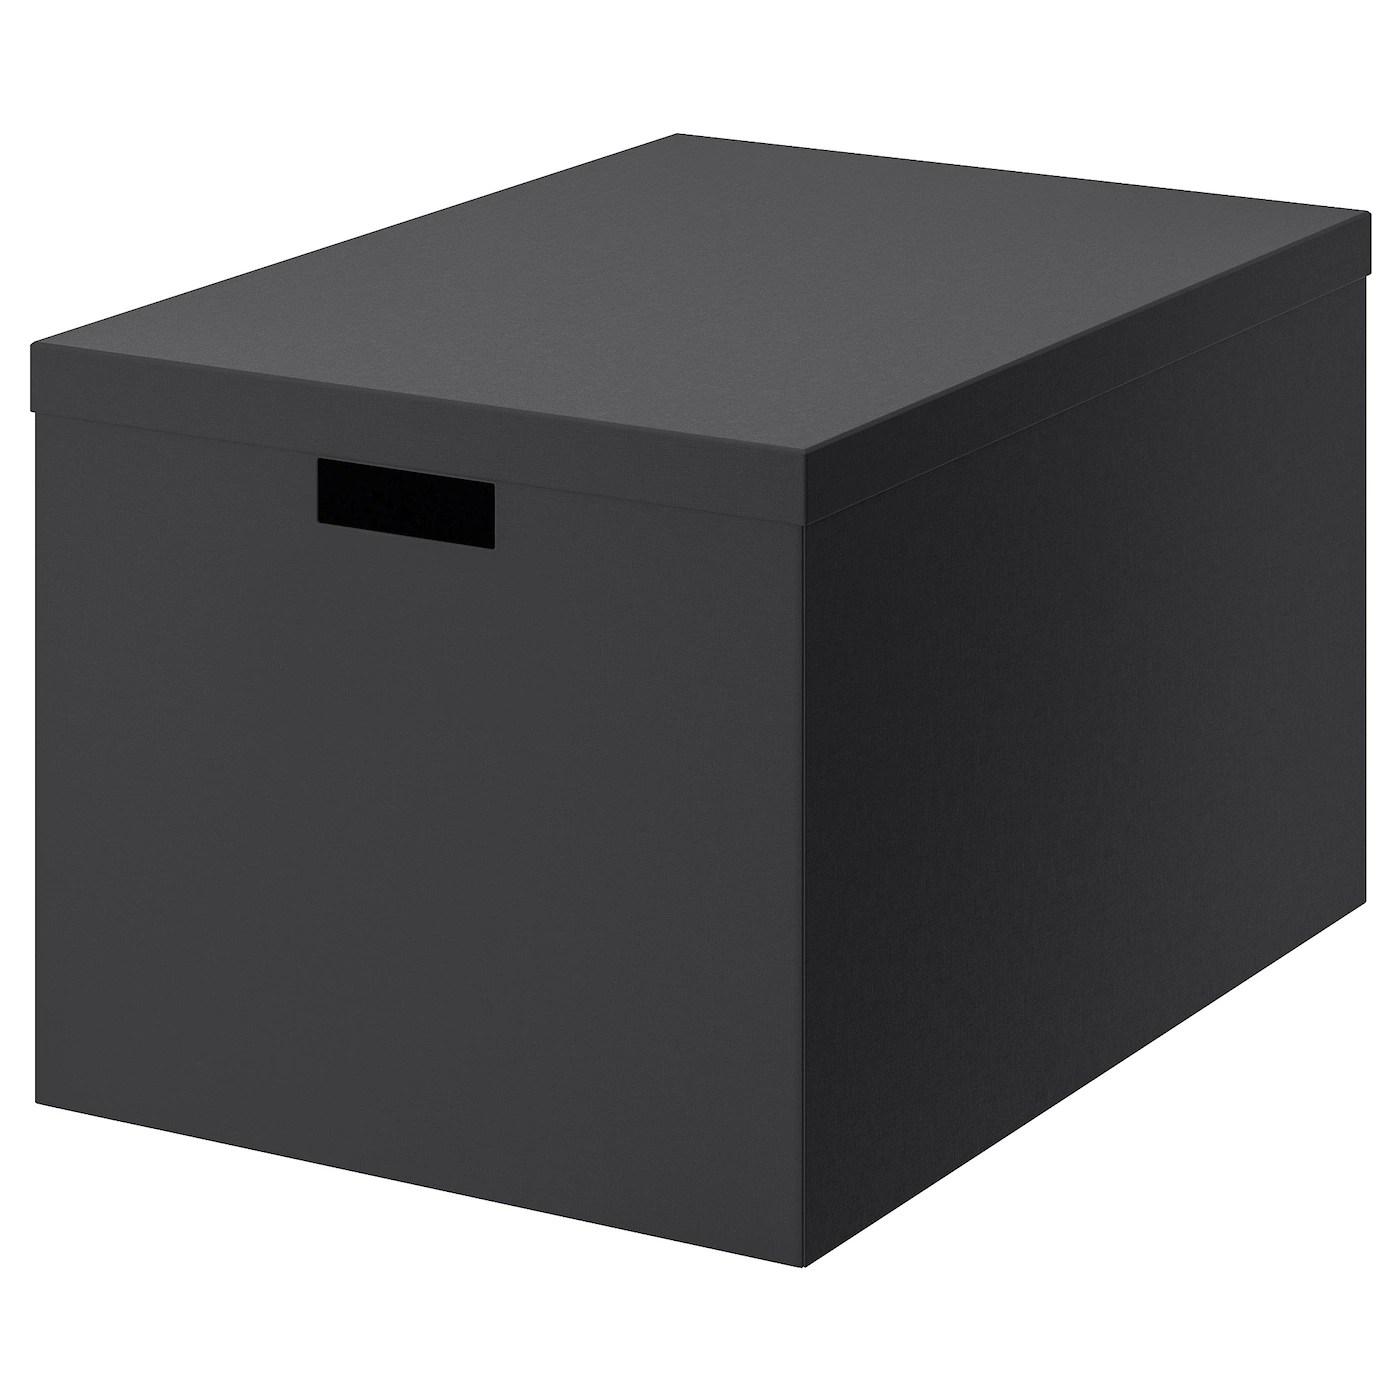 Tjena Kasse Med Lag Sort 35x50x30 Cm Ikea